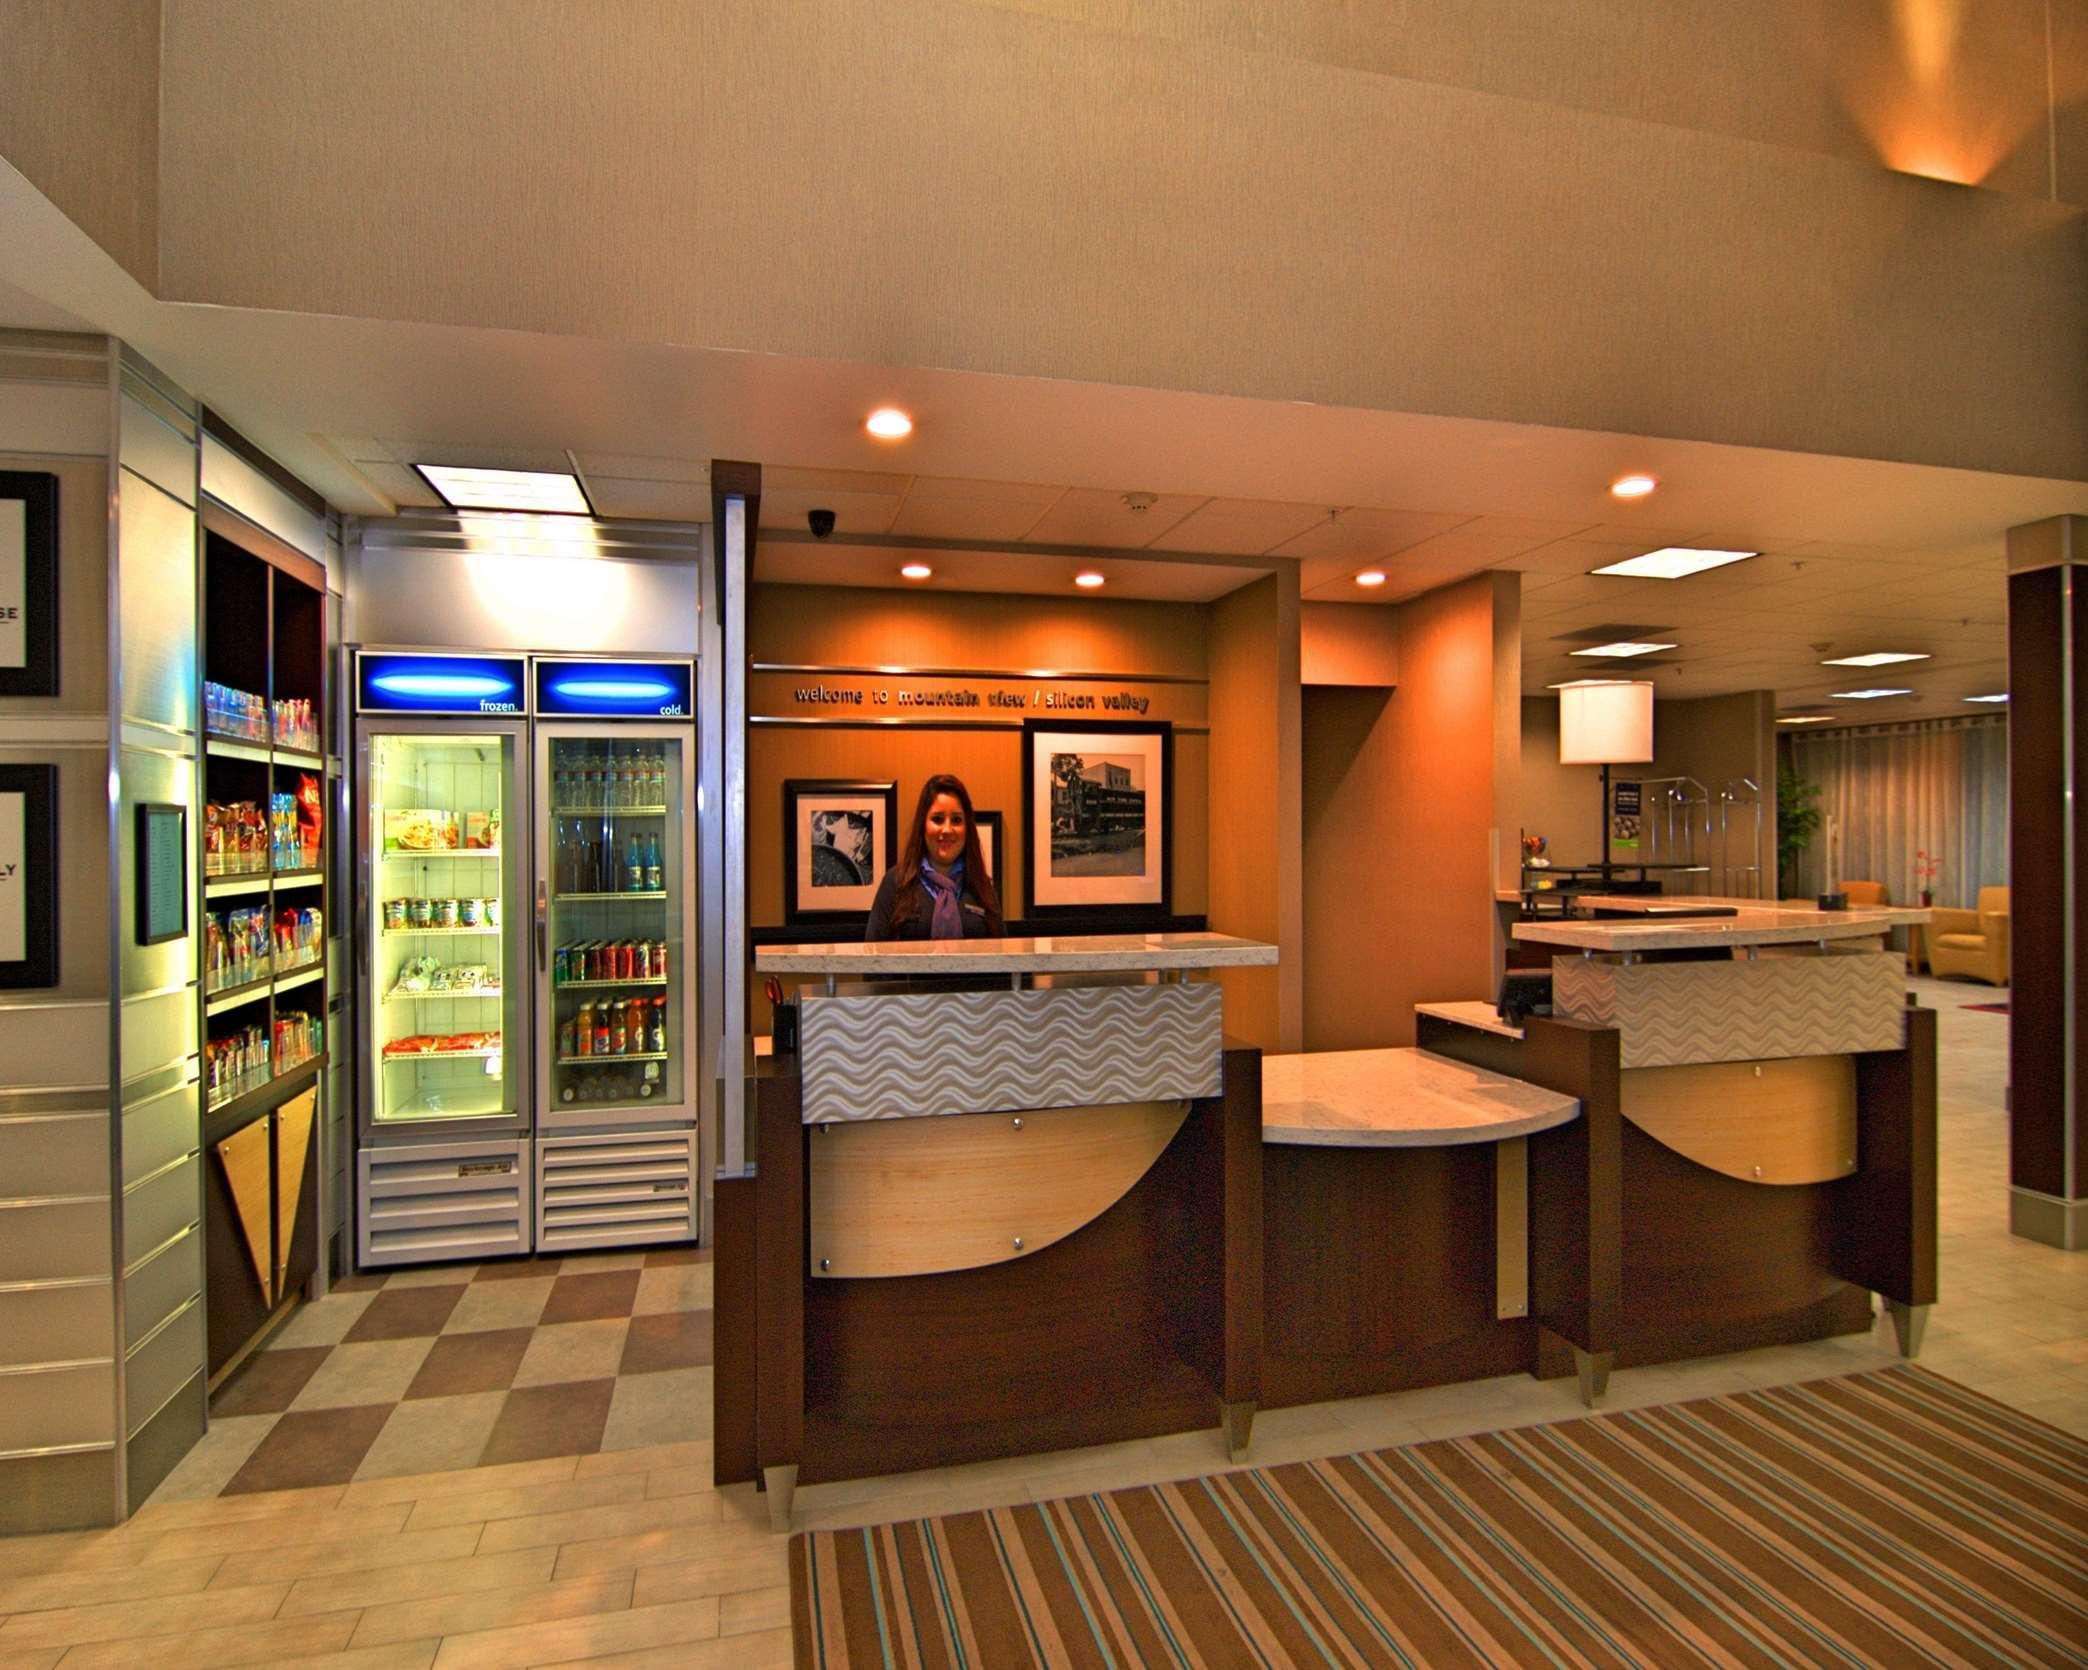 Hampton Inn & Suites Mountain View image 2